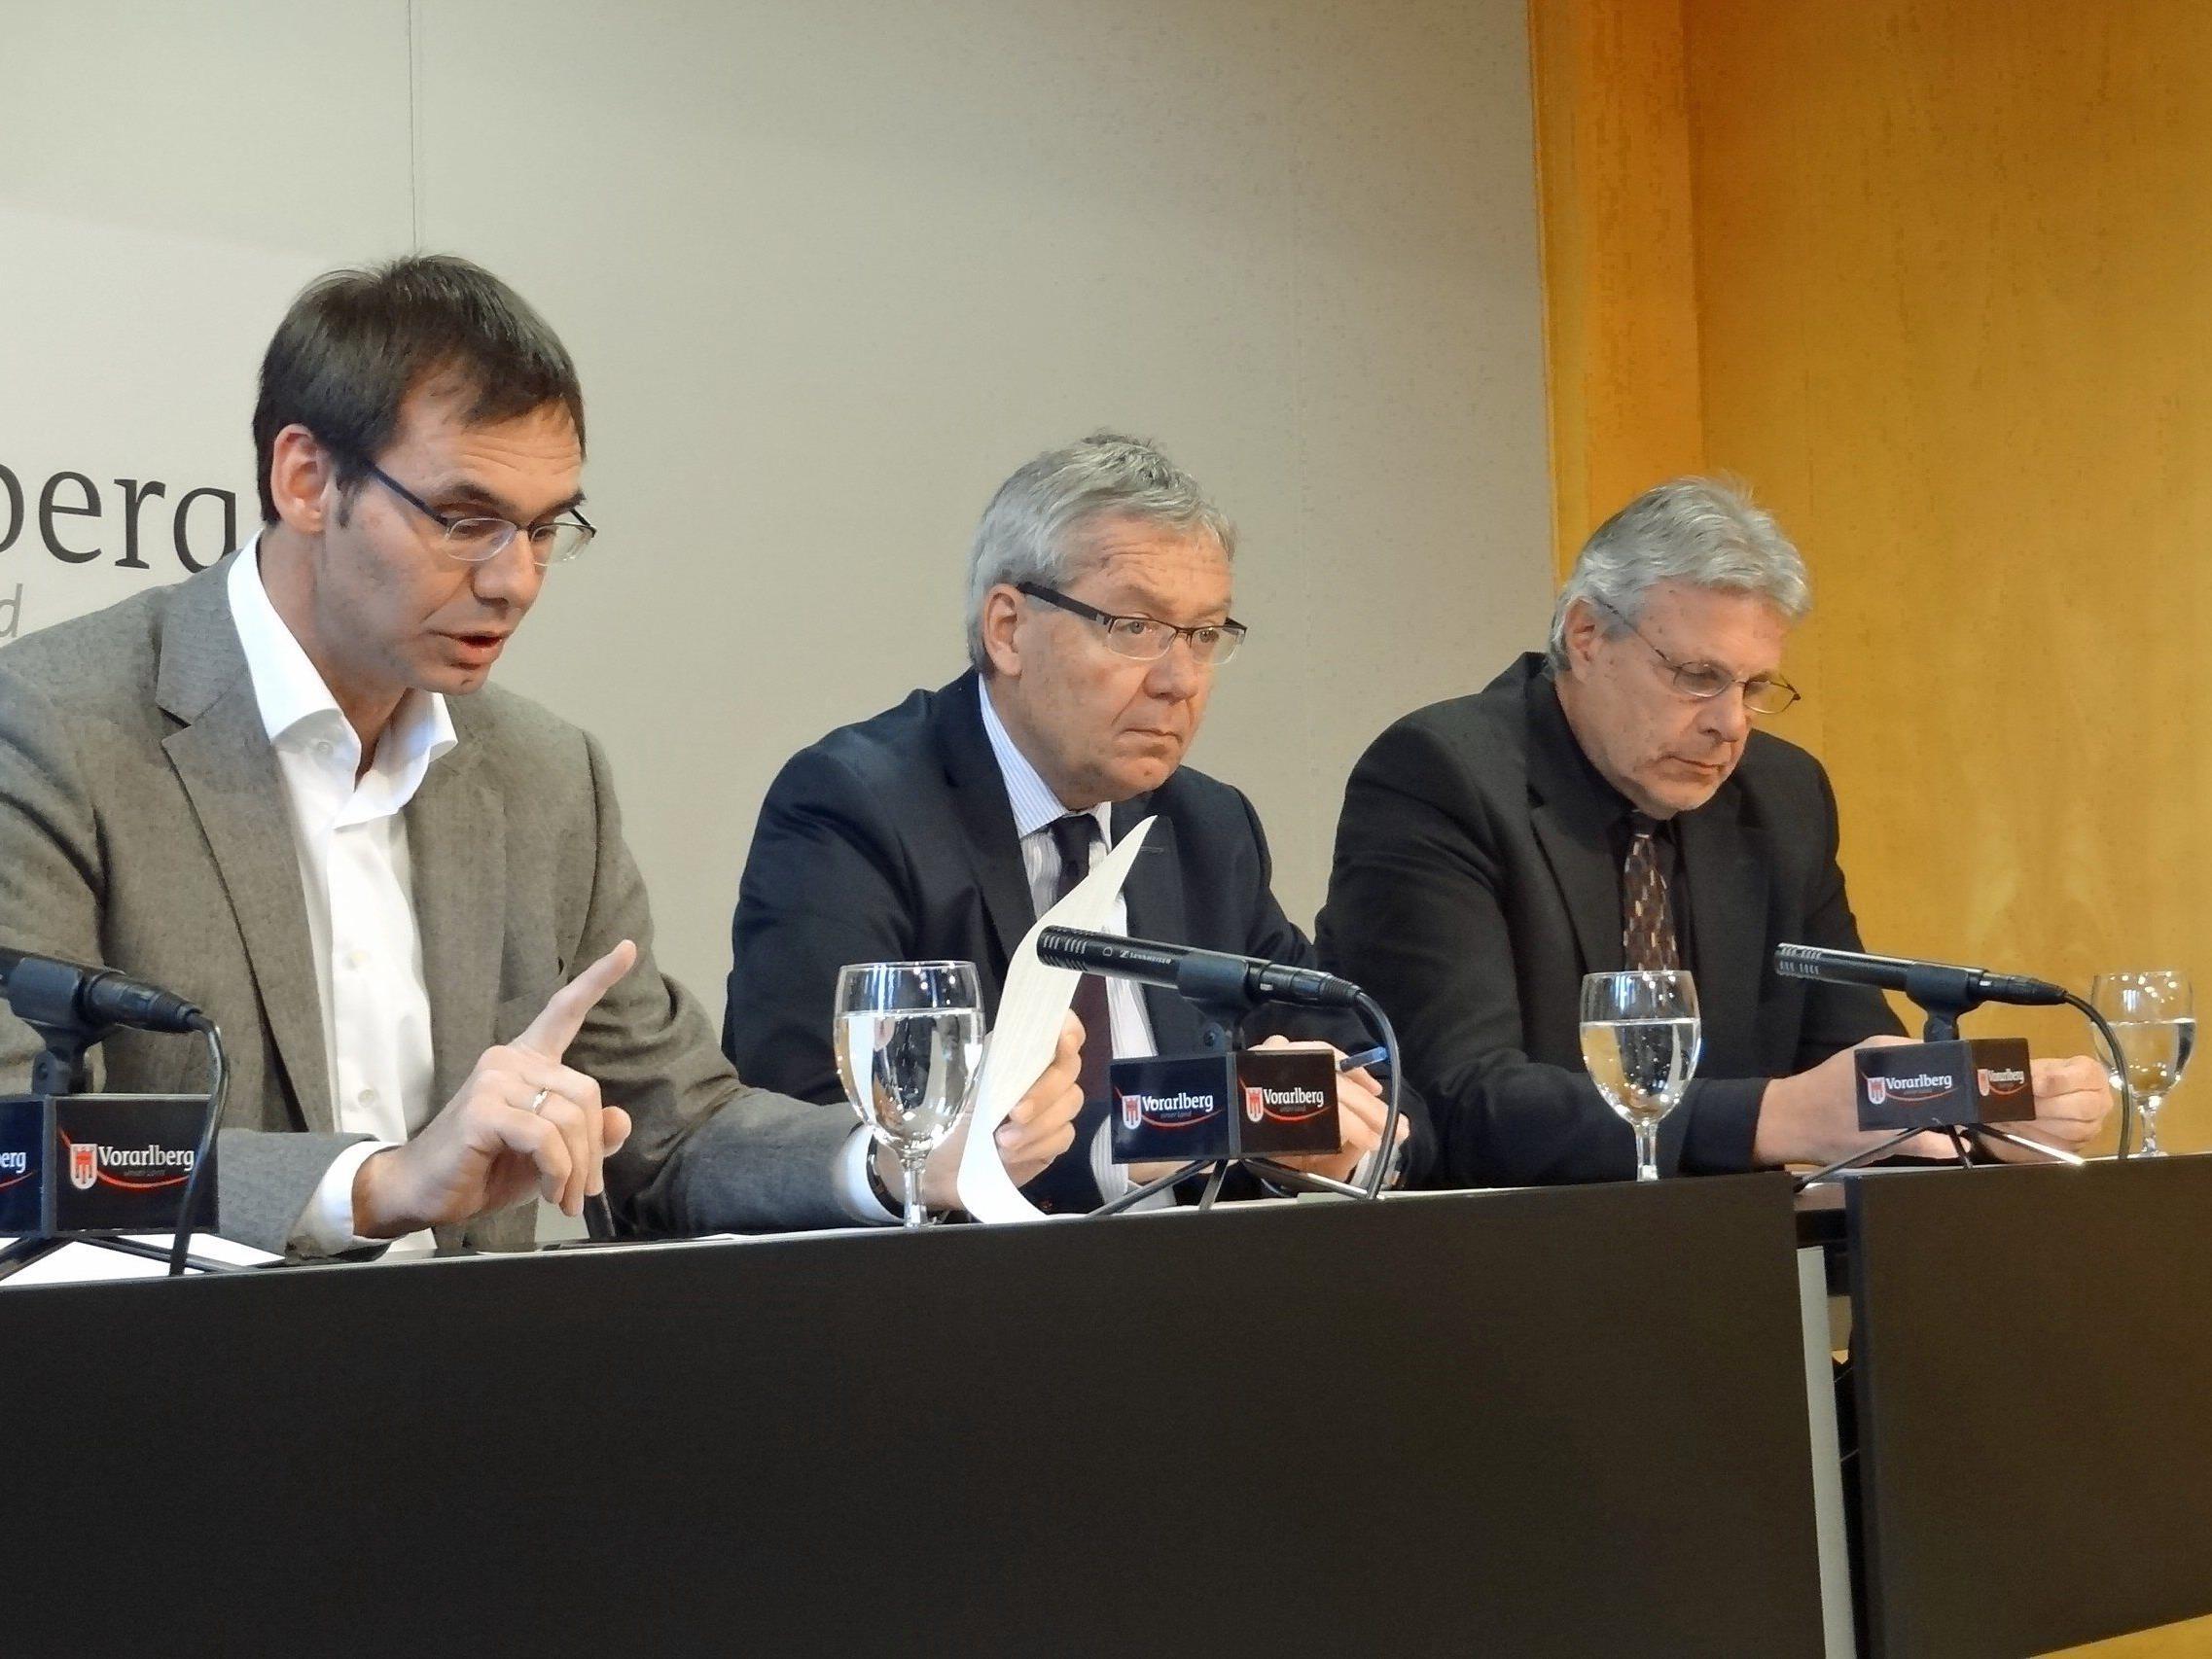 Mittel von 3,3 Mio. Euro für die drei Projekte stammen zu 50 Prozent aus dem Europäischen Sozialfond